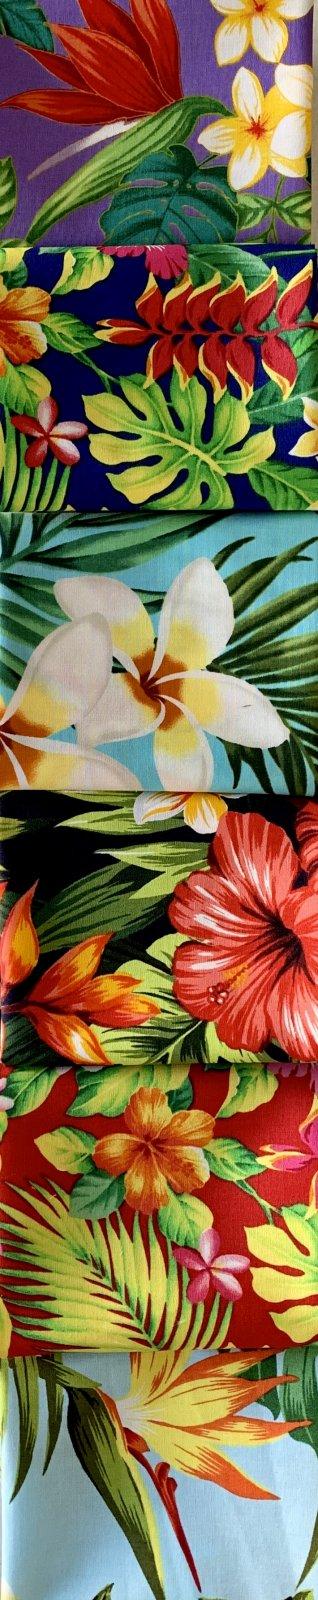 Hawaiian Print Fat Quarter Bundle 2